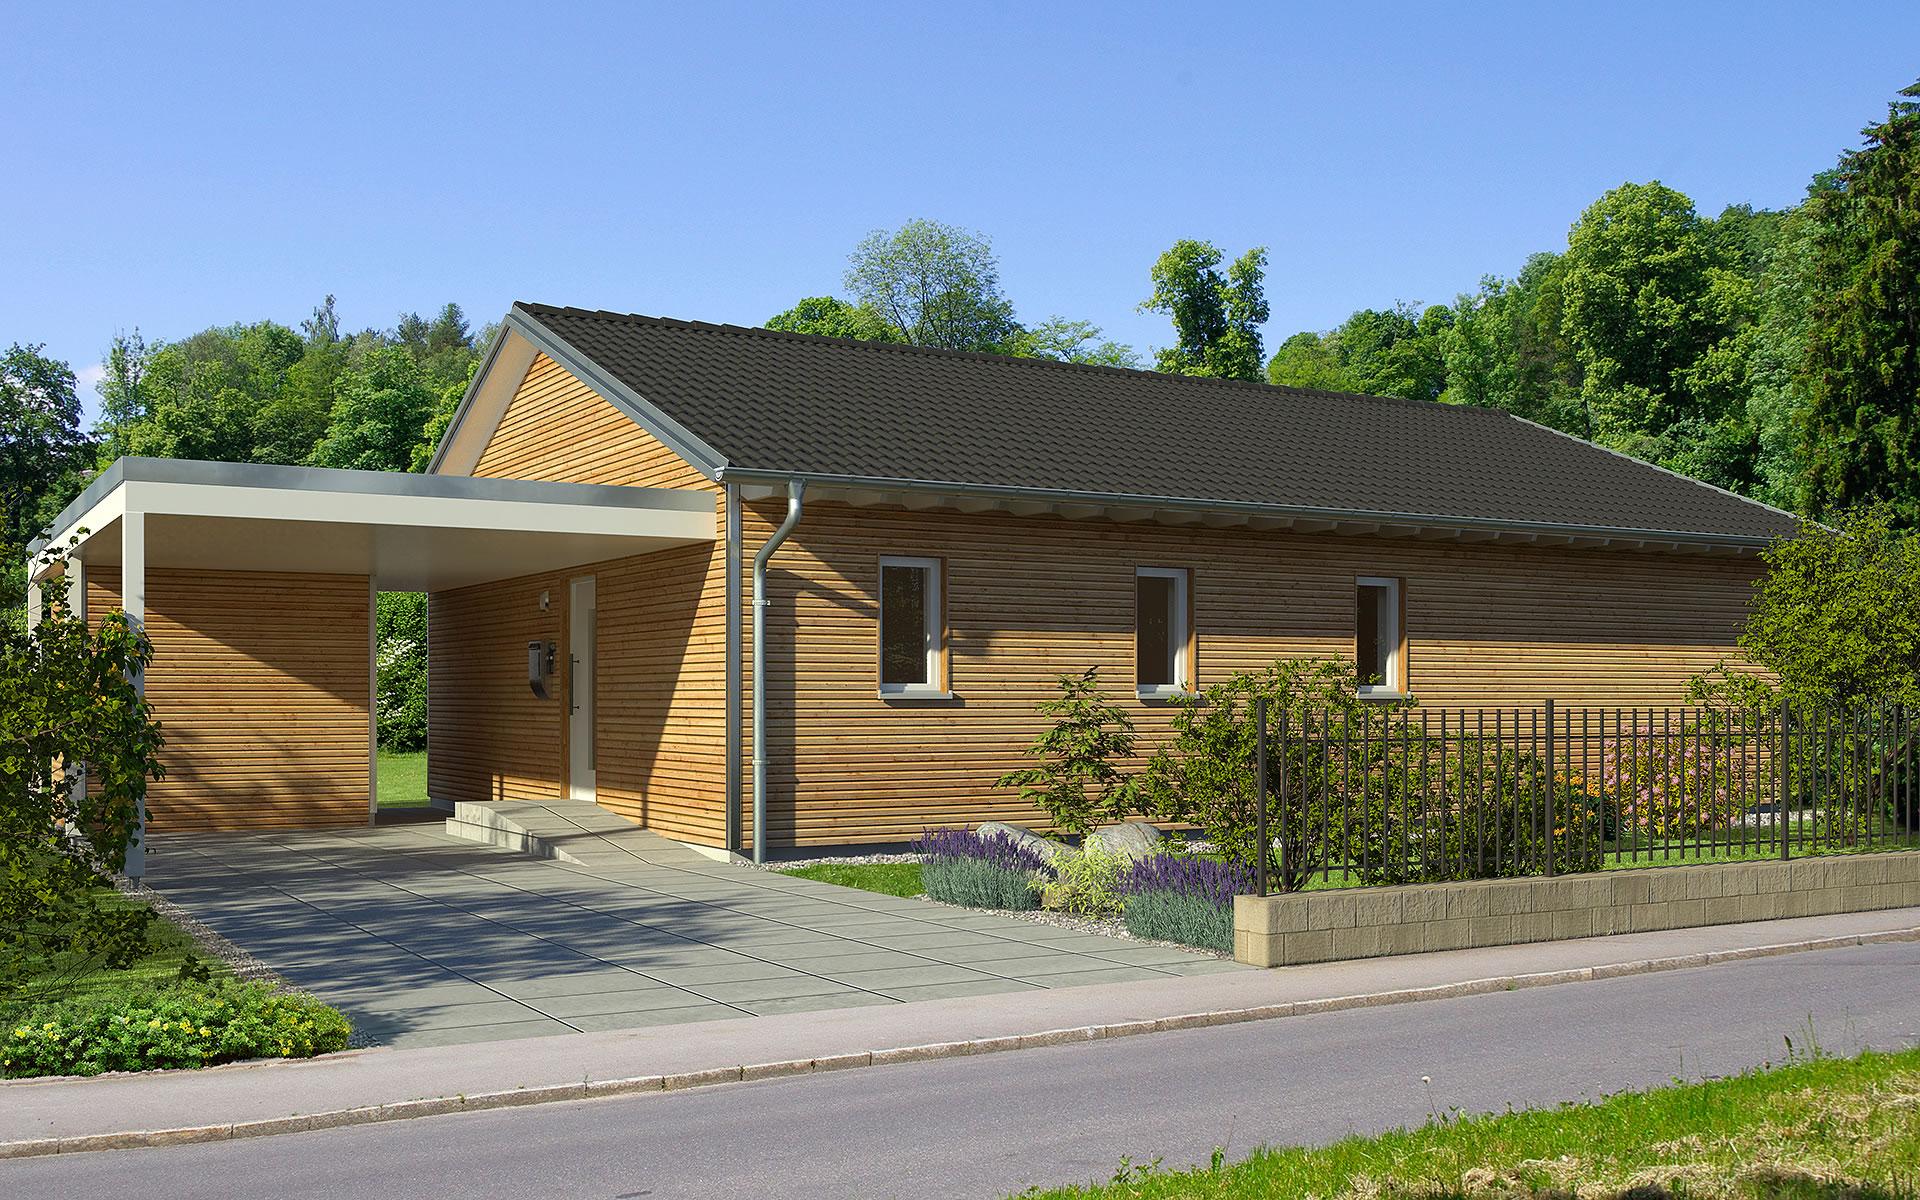 PlanMit Architektur Satteldach-Bungalow von Bau-Fritz GmbH & Co. KG, seit 1896